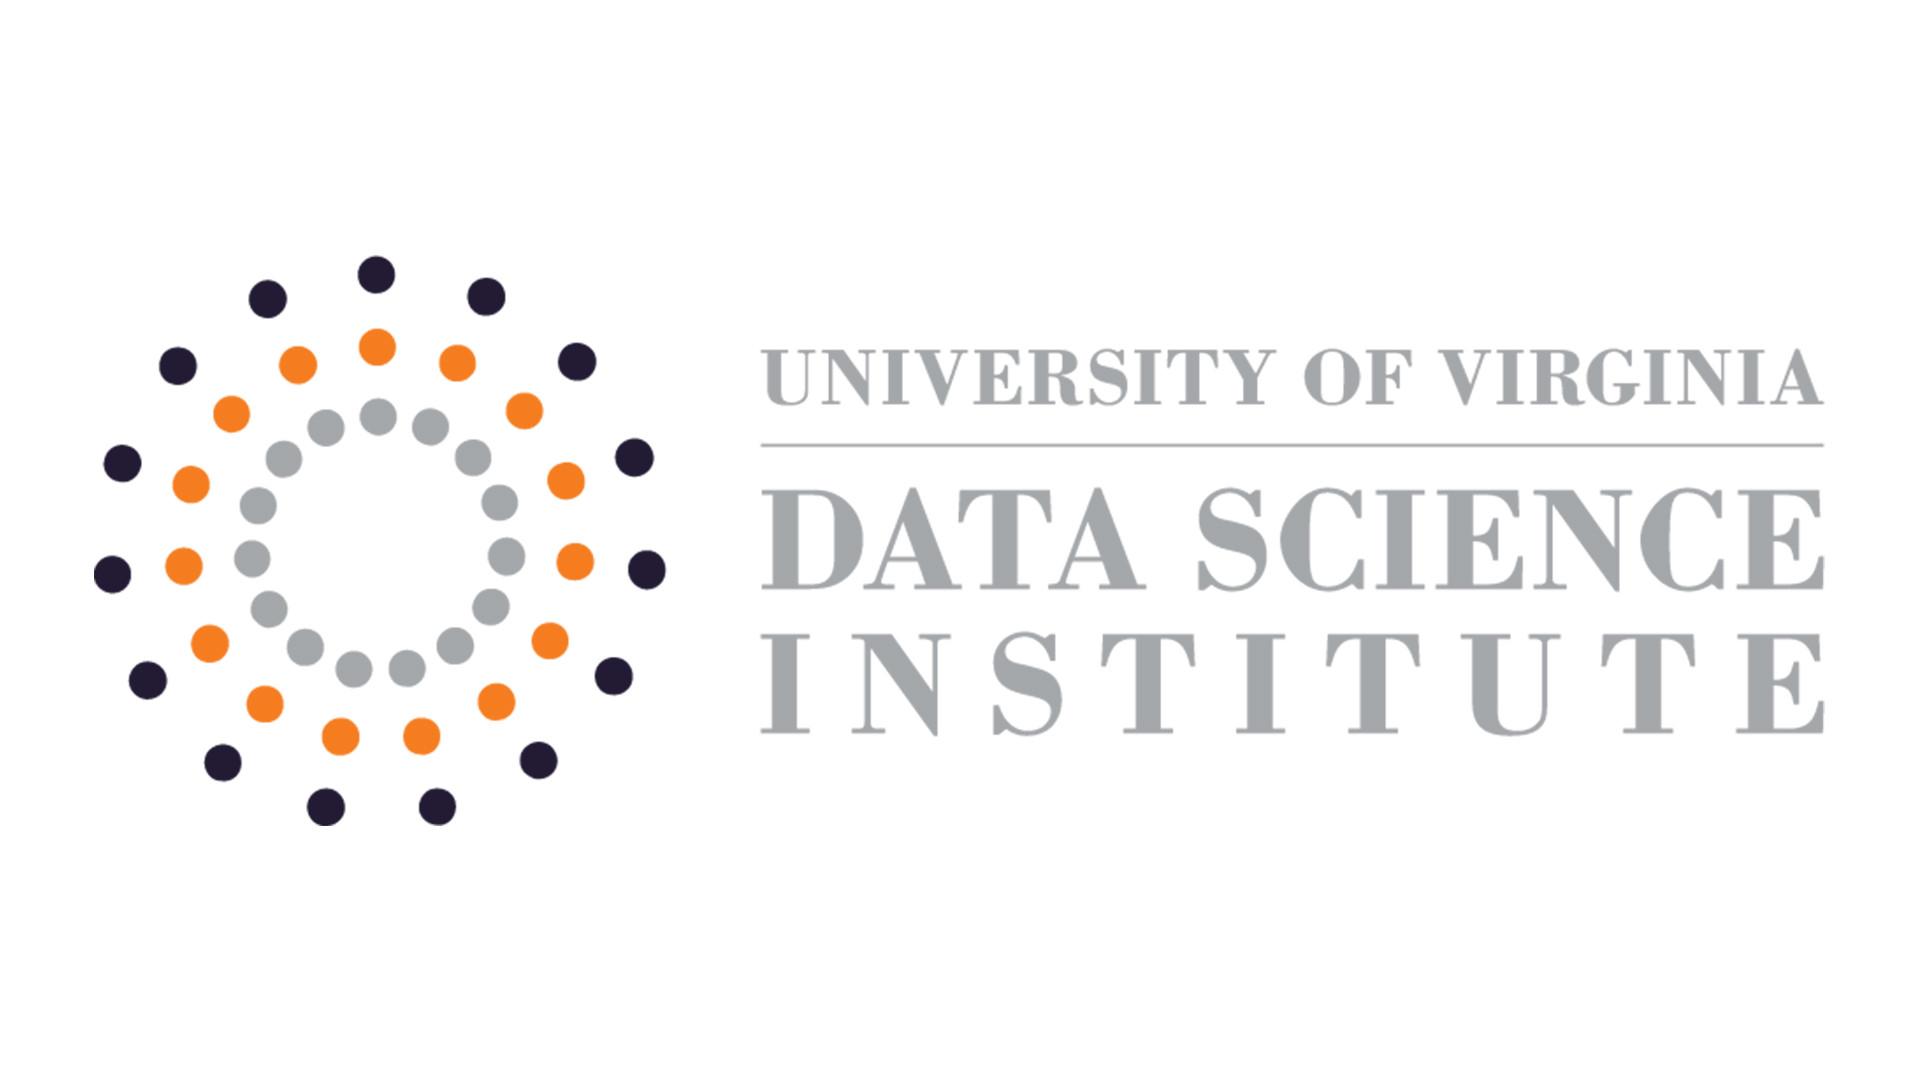 UVA DATA SCIENCE.jpg